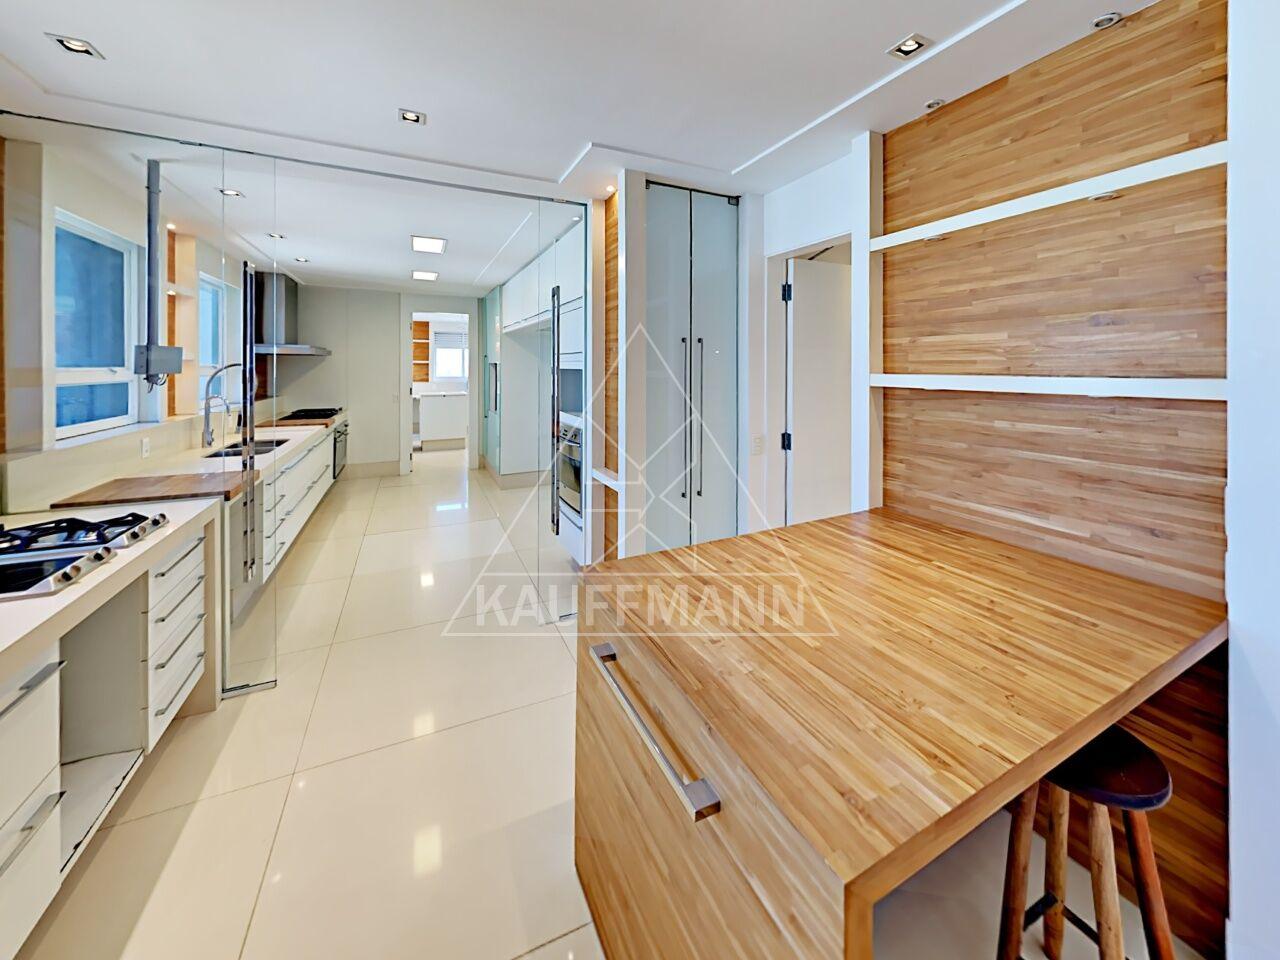 apartamento-venda-sao-paulo-jardim-america-regency-6dormitorios-6suites-7vagas-1099m2-Foto44